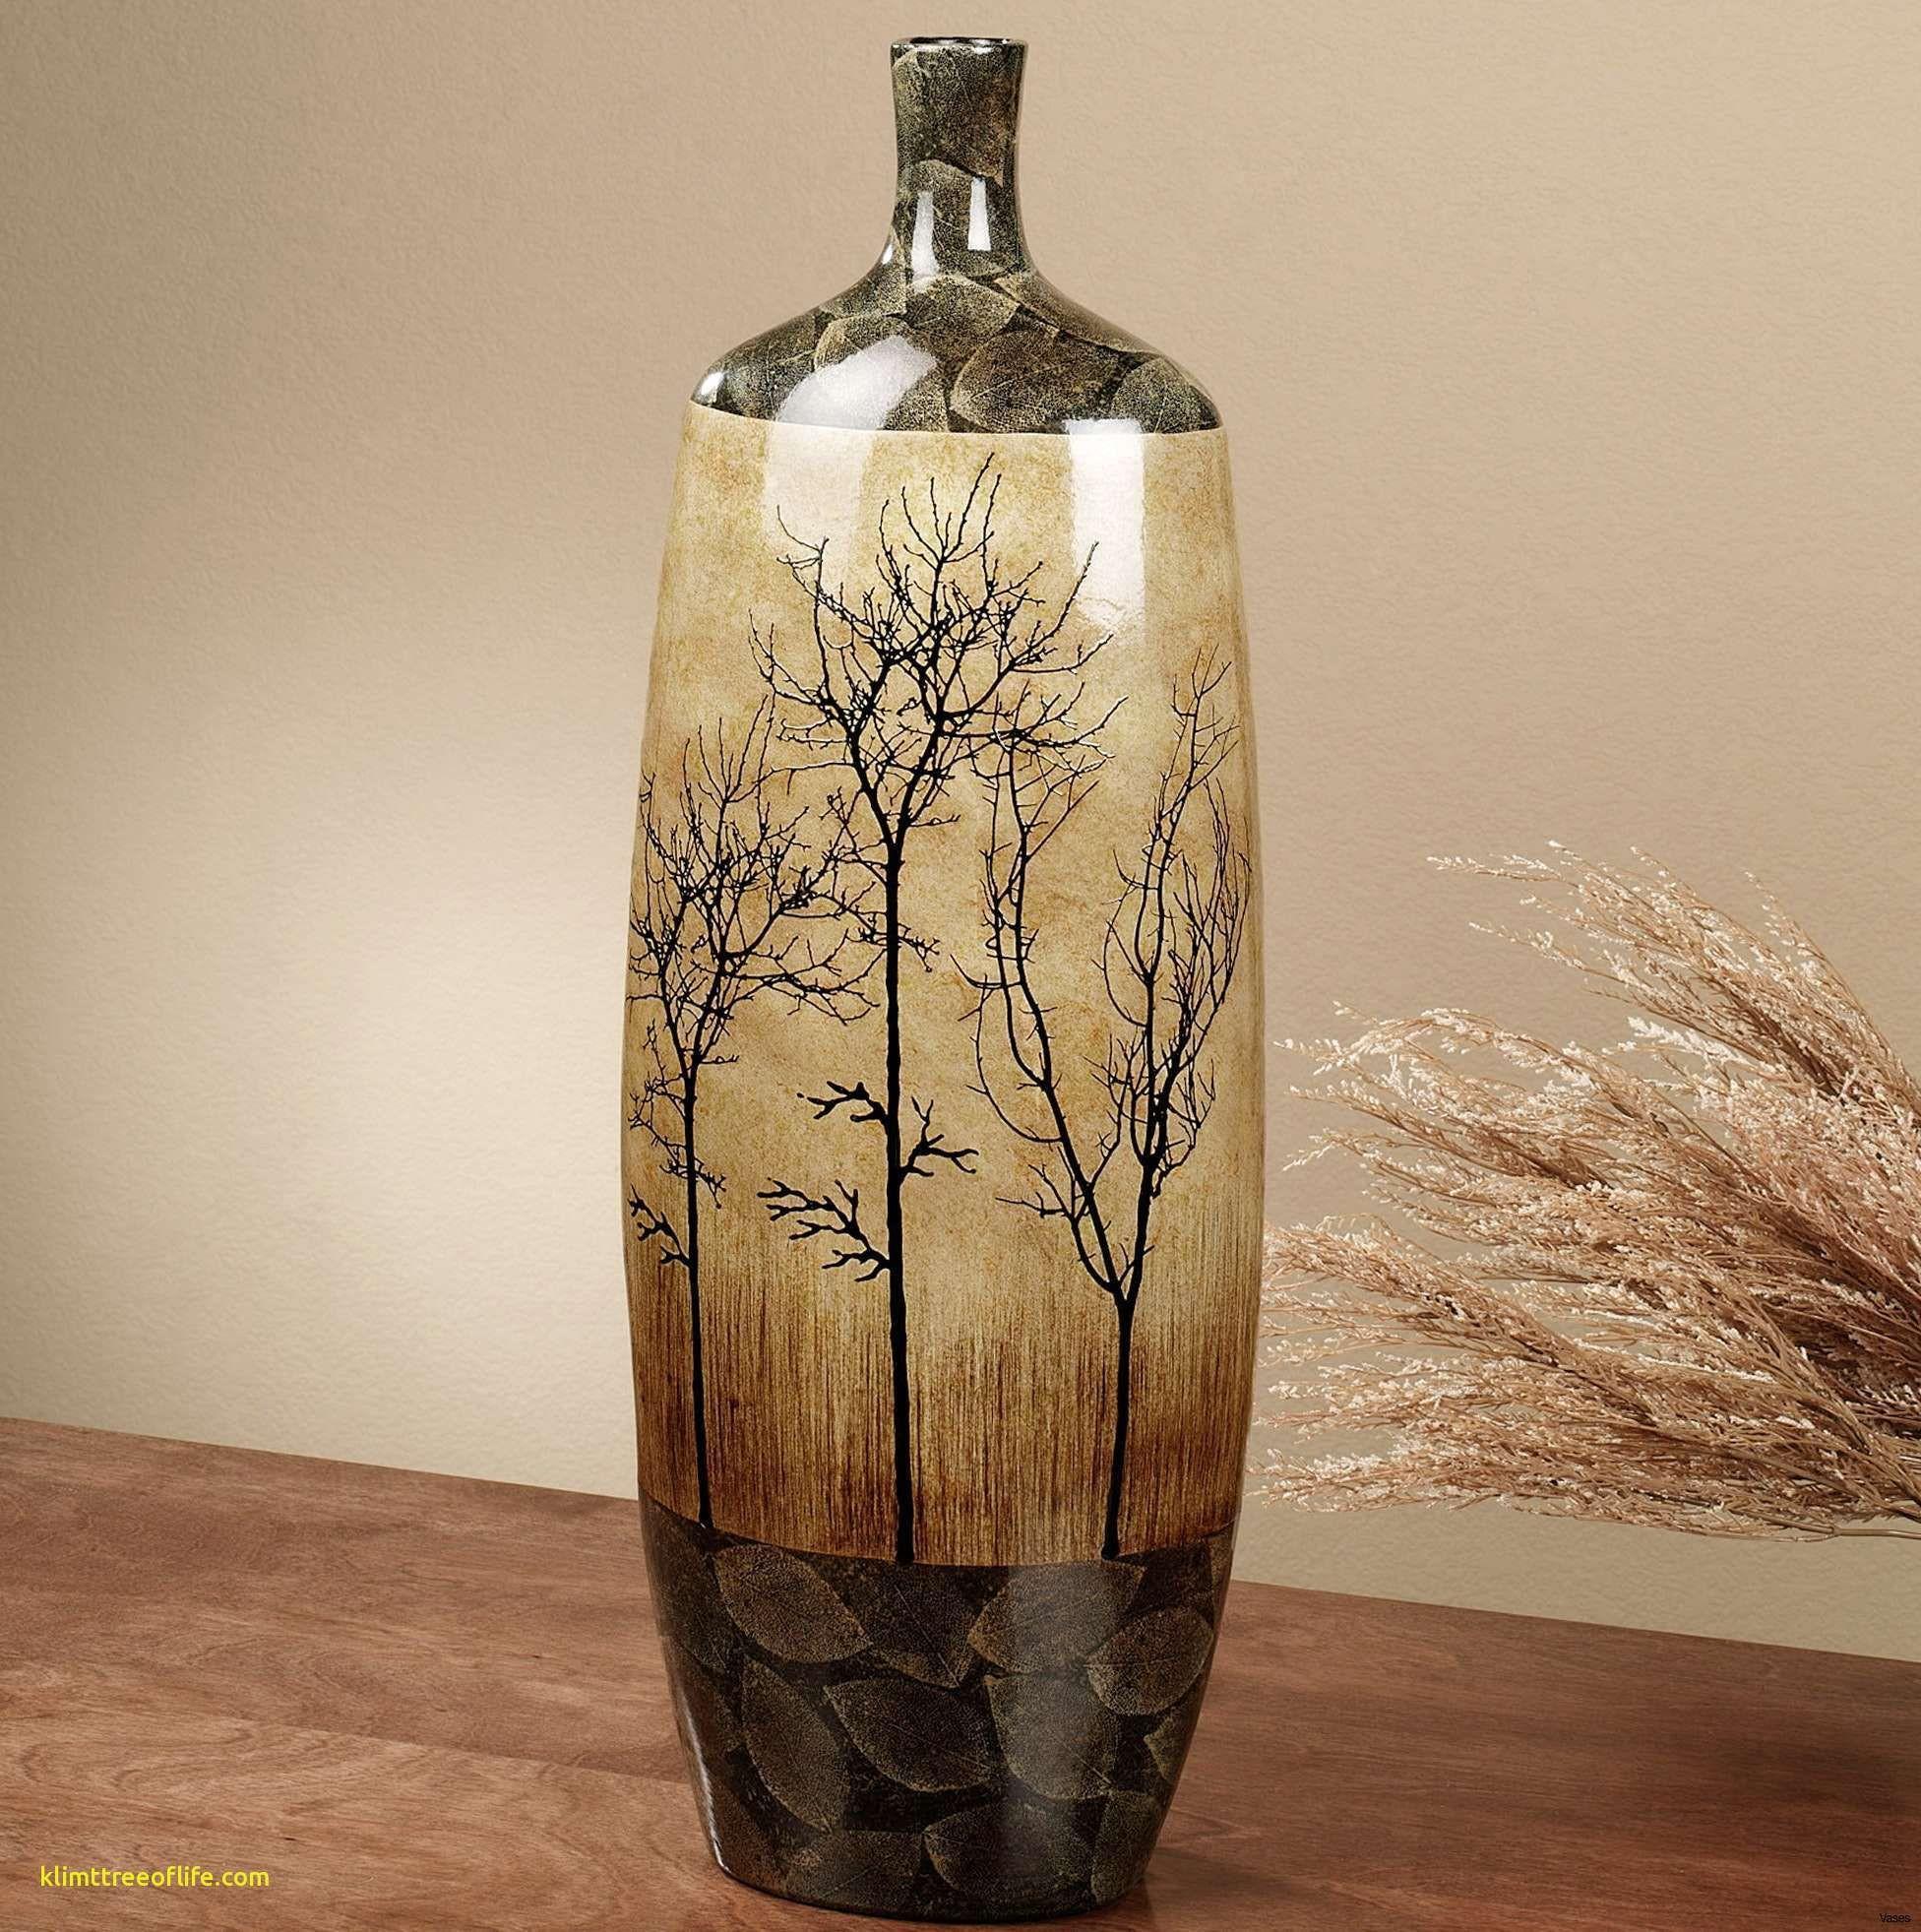 Wholesale Floor Vases Of 30 Large Floor Vase the Weekly World Inside 30 Large Floor Vase